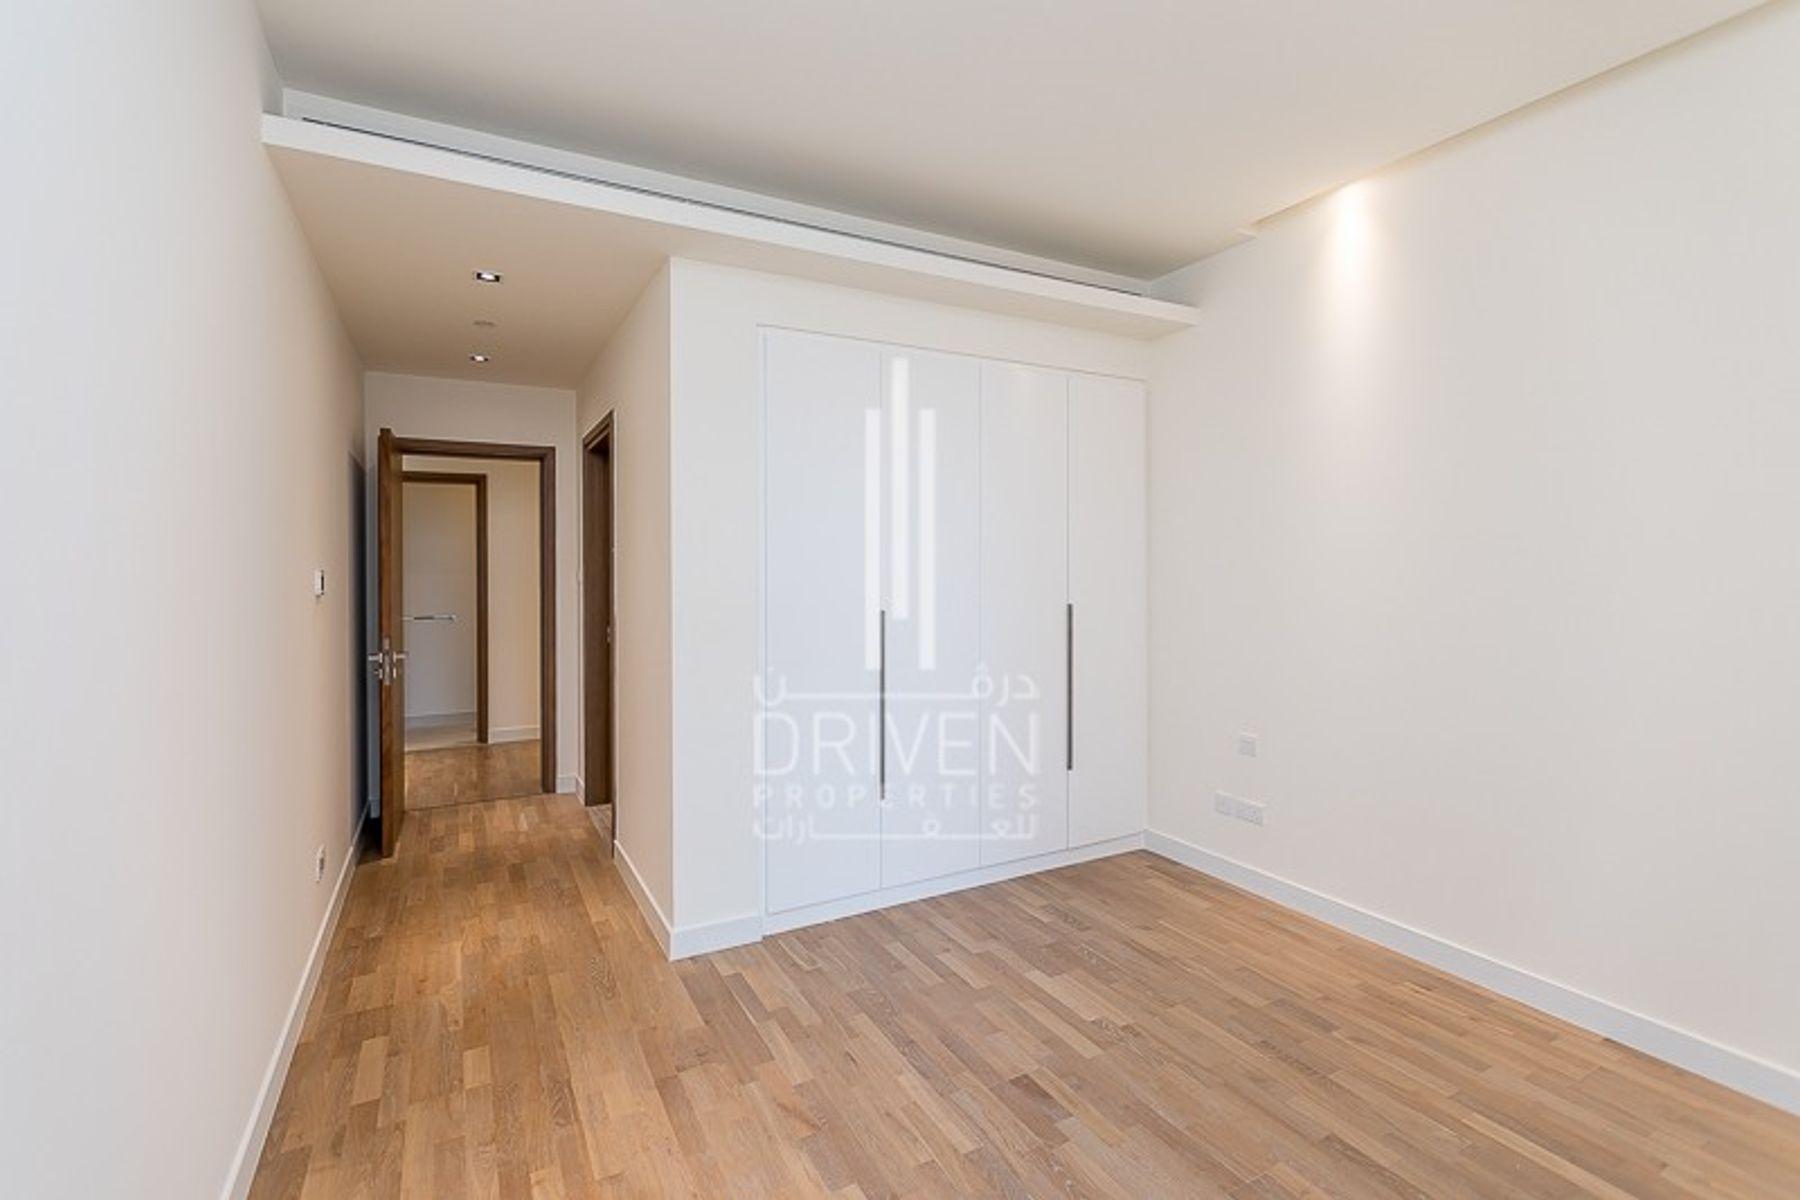 للبيع - شقة - 20 بناية - سيتي ووك